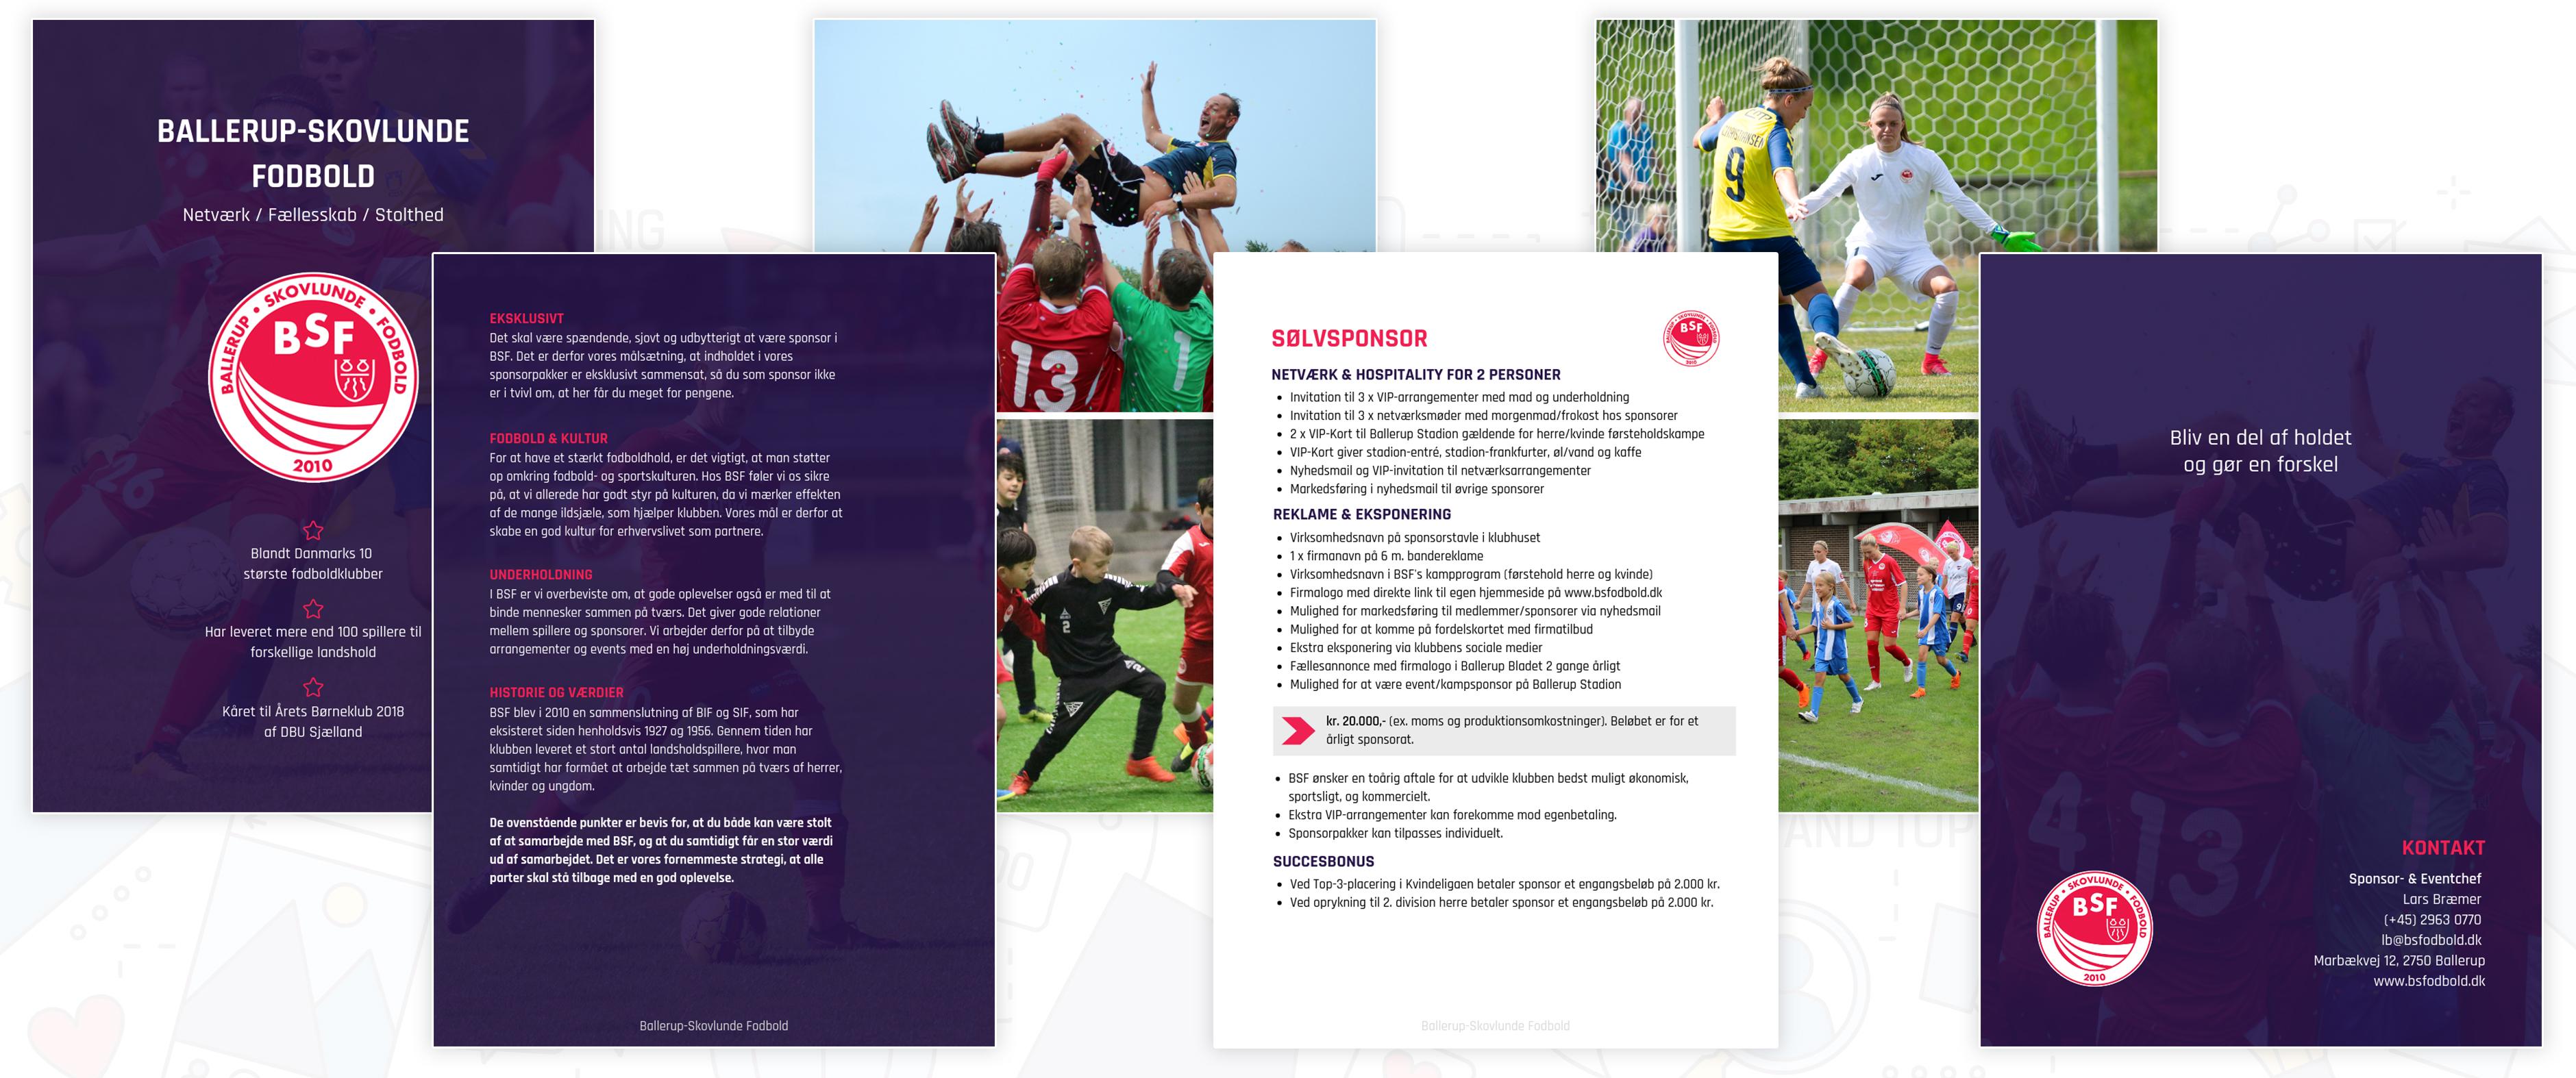 Konceptudvikling - Et stærkt koncept til sportsklubber